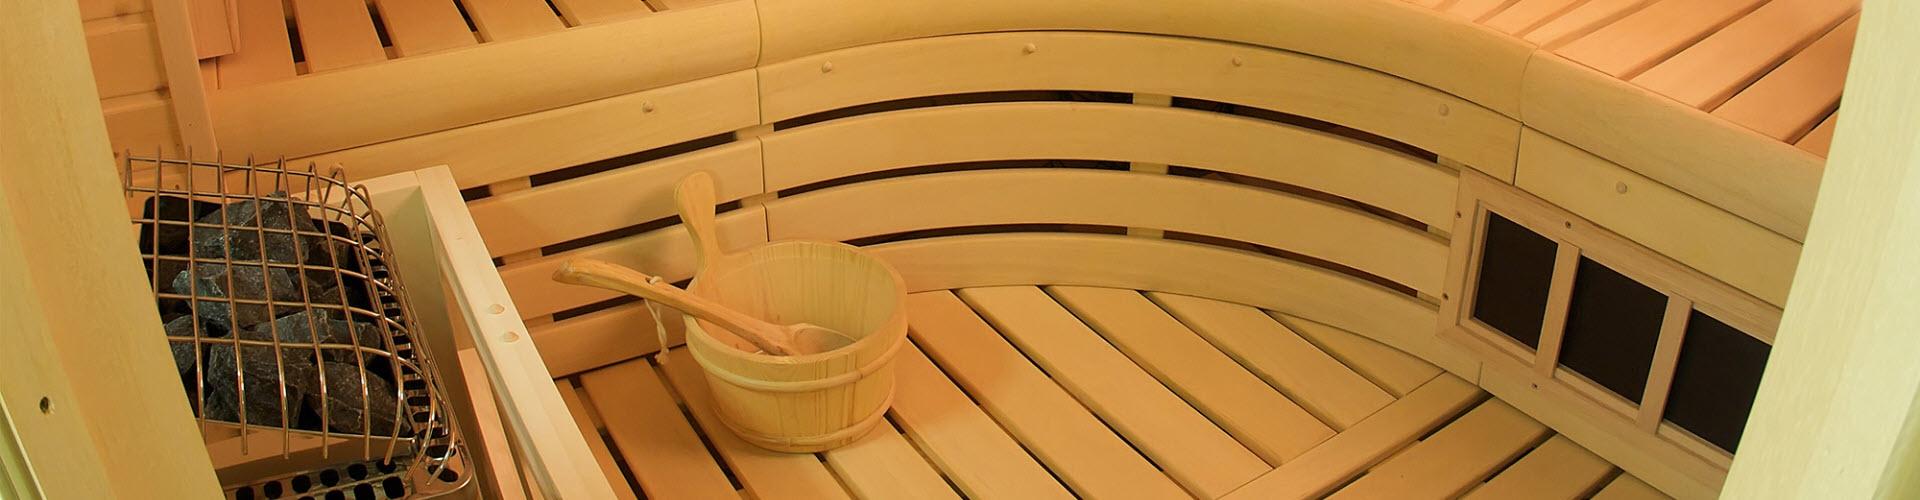 Using a Sauna to Upgrade Your Life, Clive Sauna Dealer